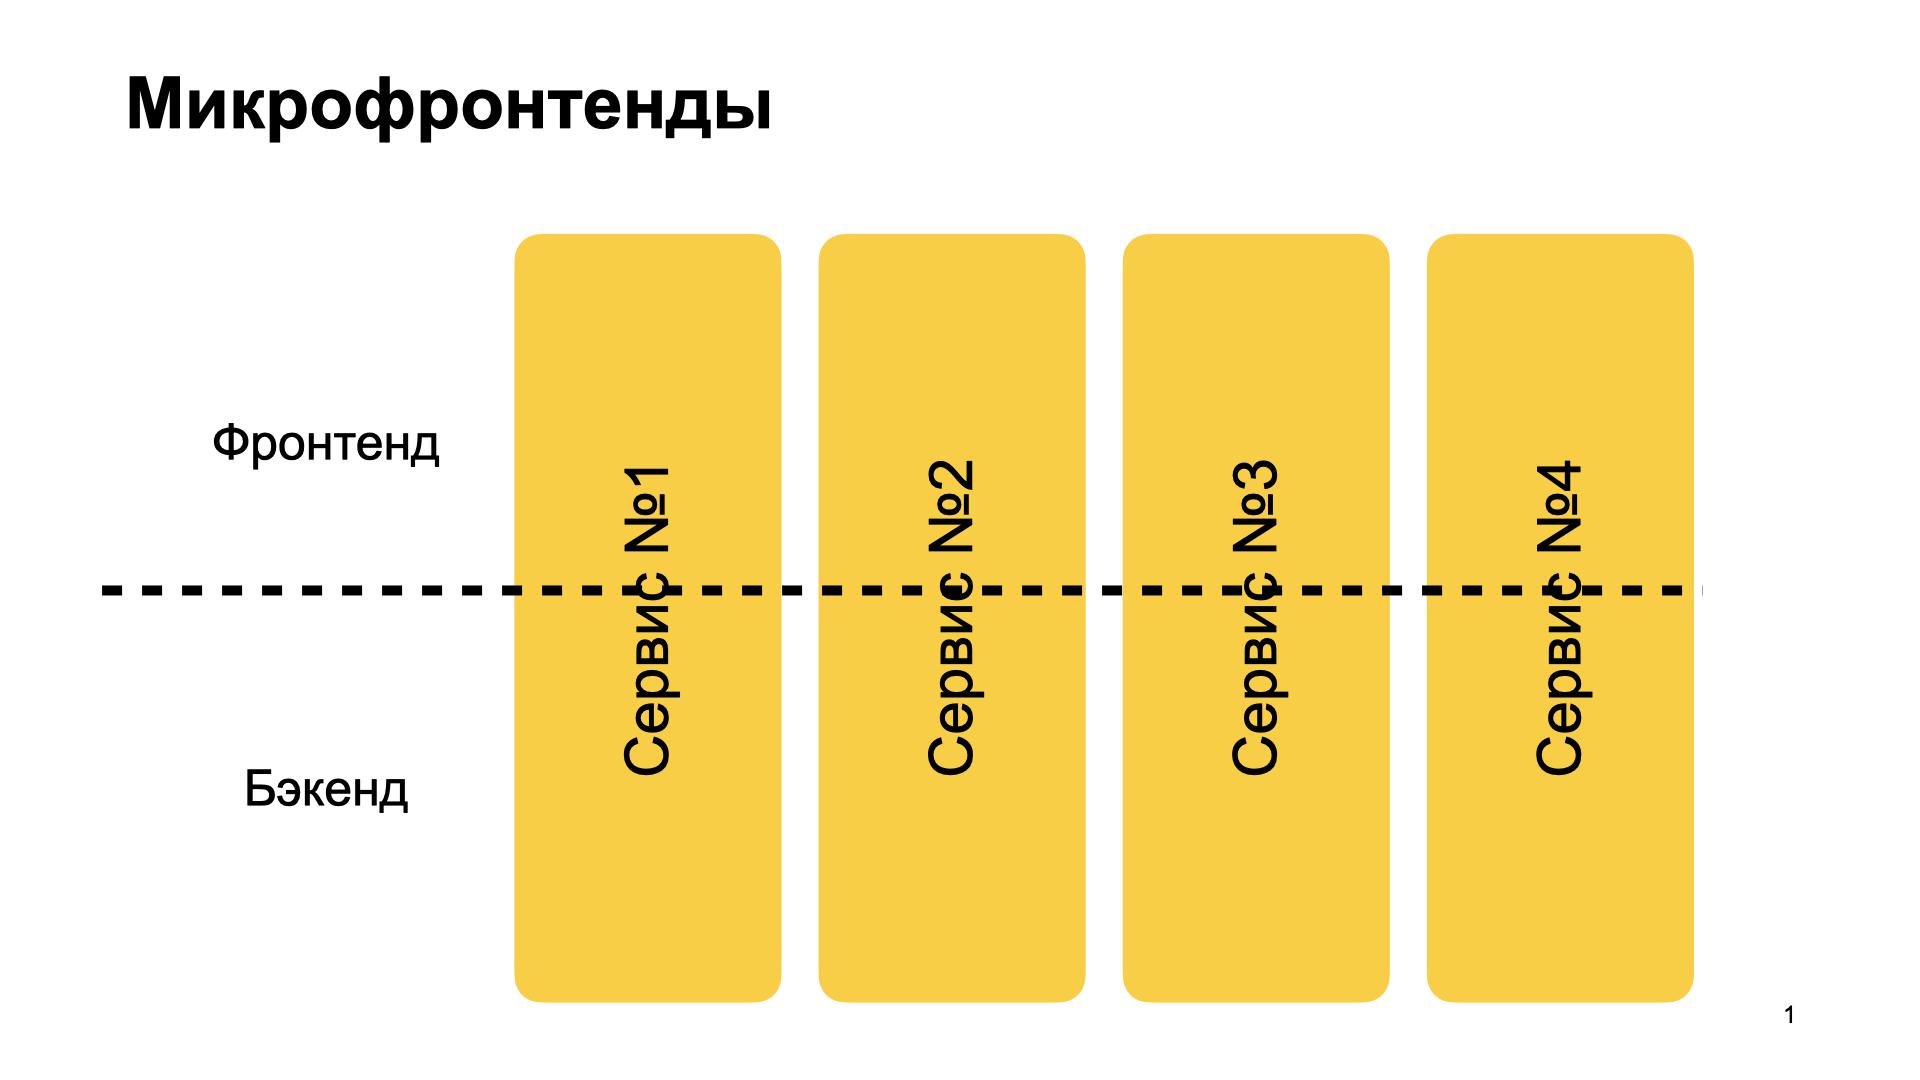 Микрофронтенды и виджеты в 2021-м. Доклад Яндекса